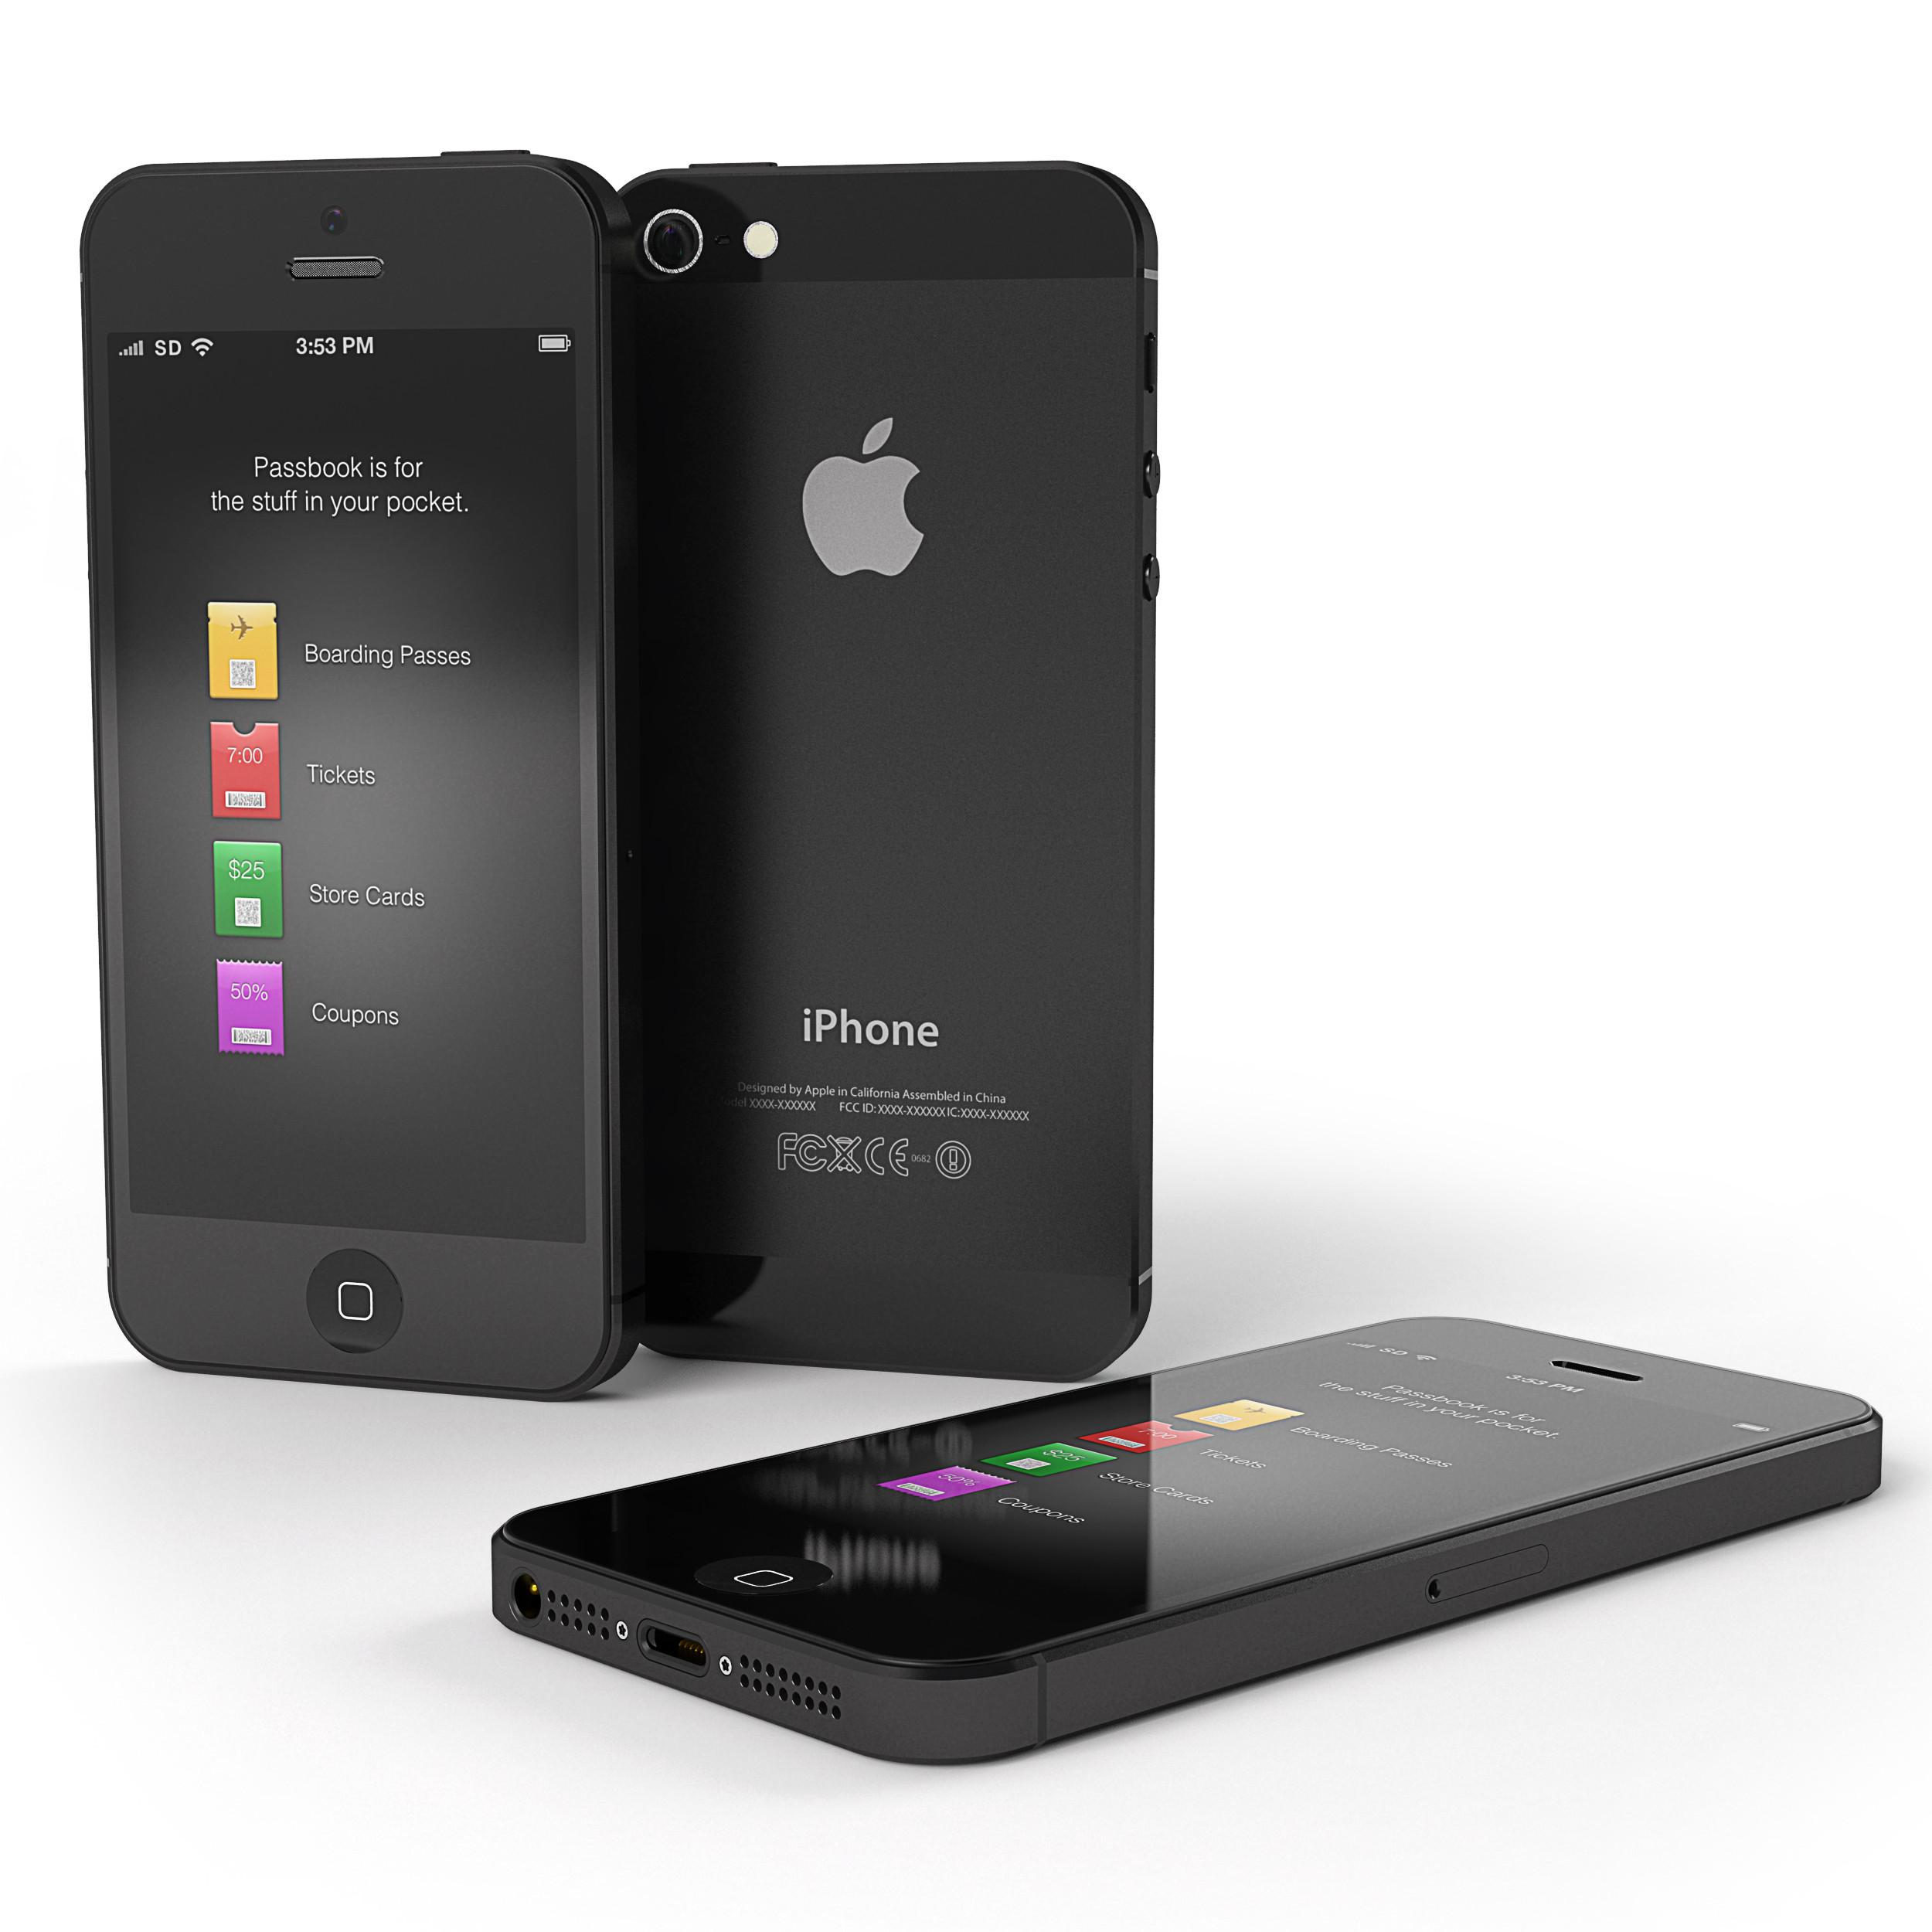 Iphone 5 Render 1.jpg